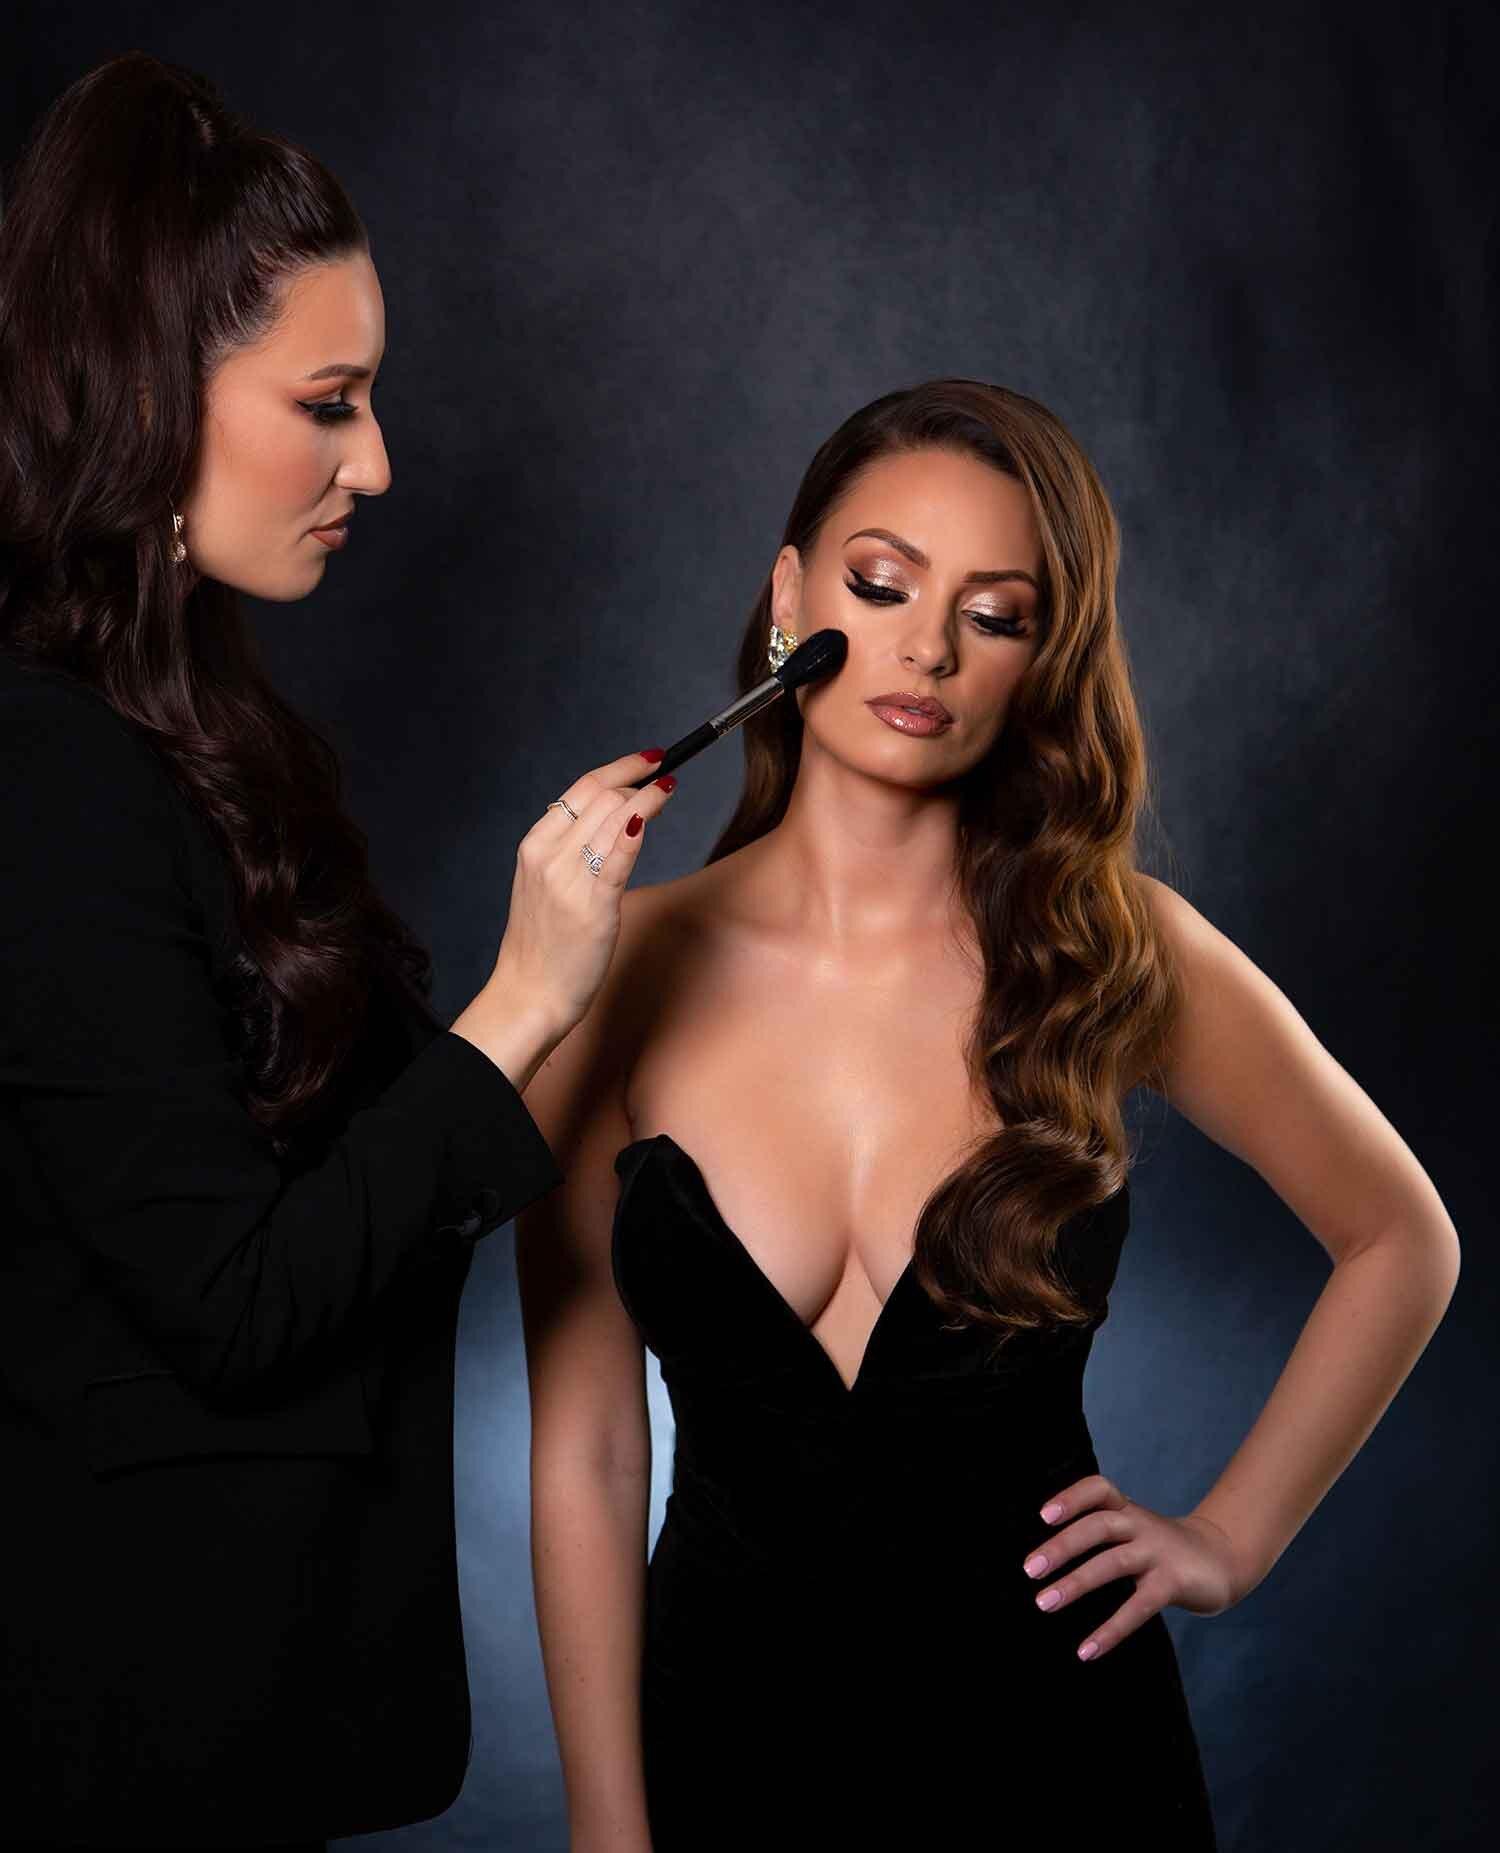 Makeup artist applying blusher brunette beauty model